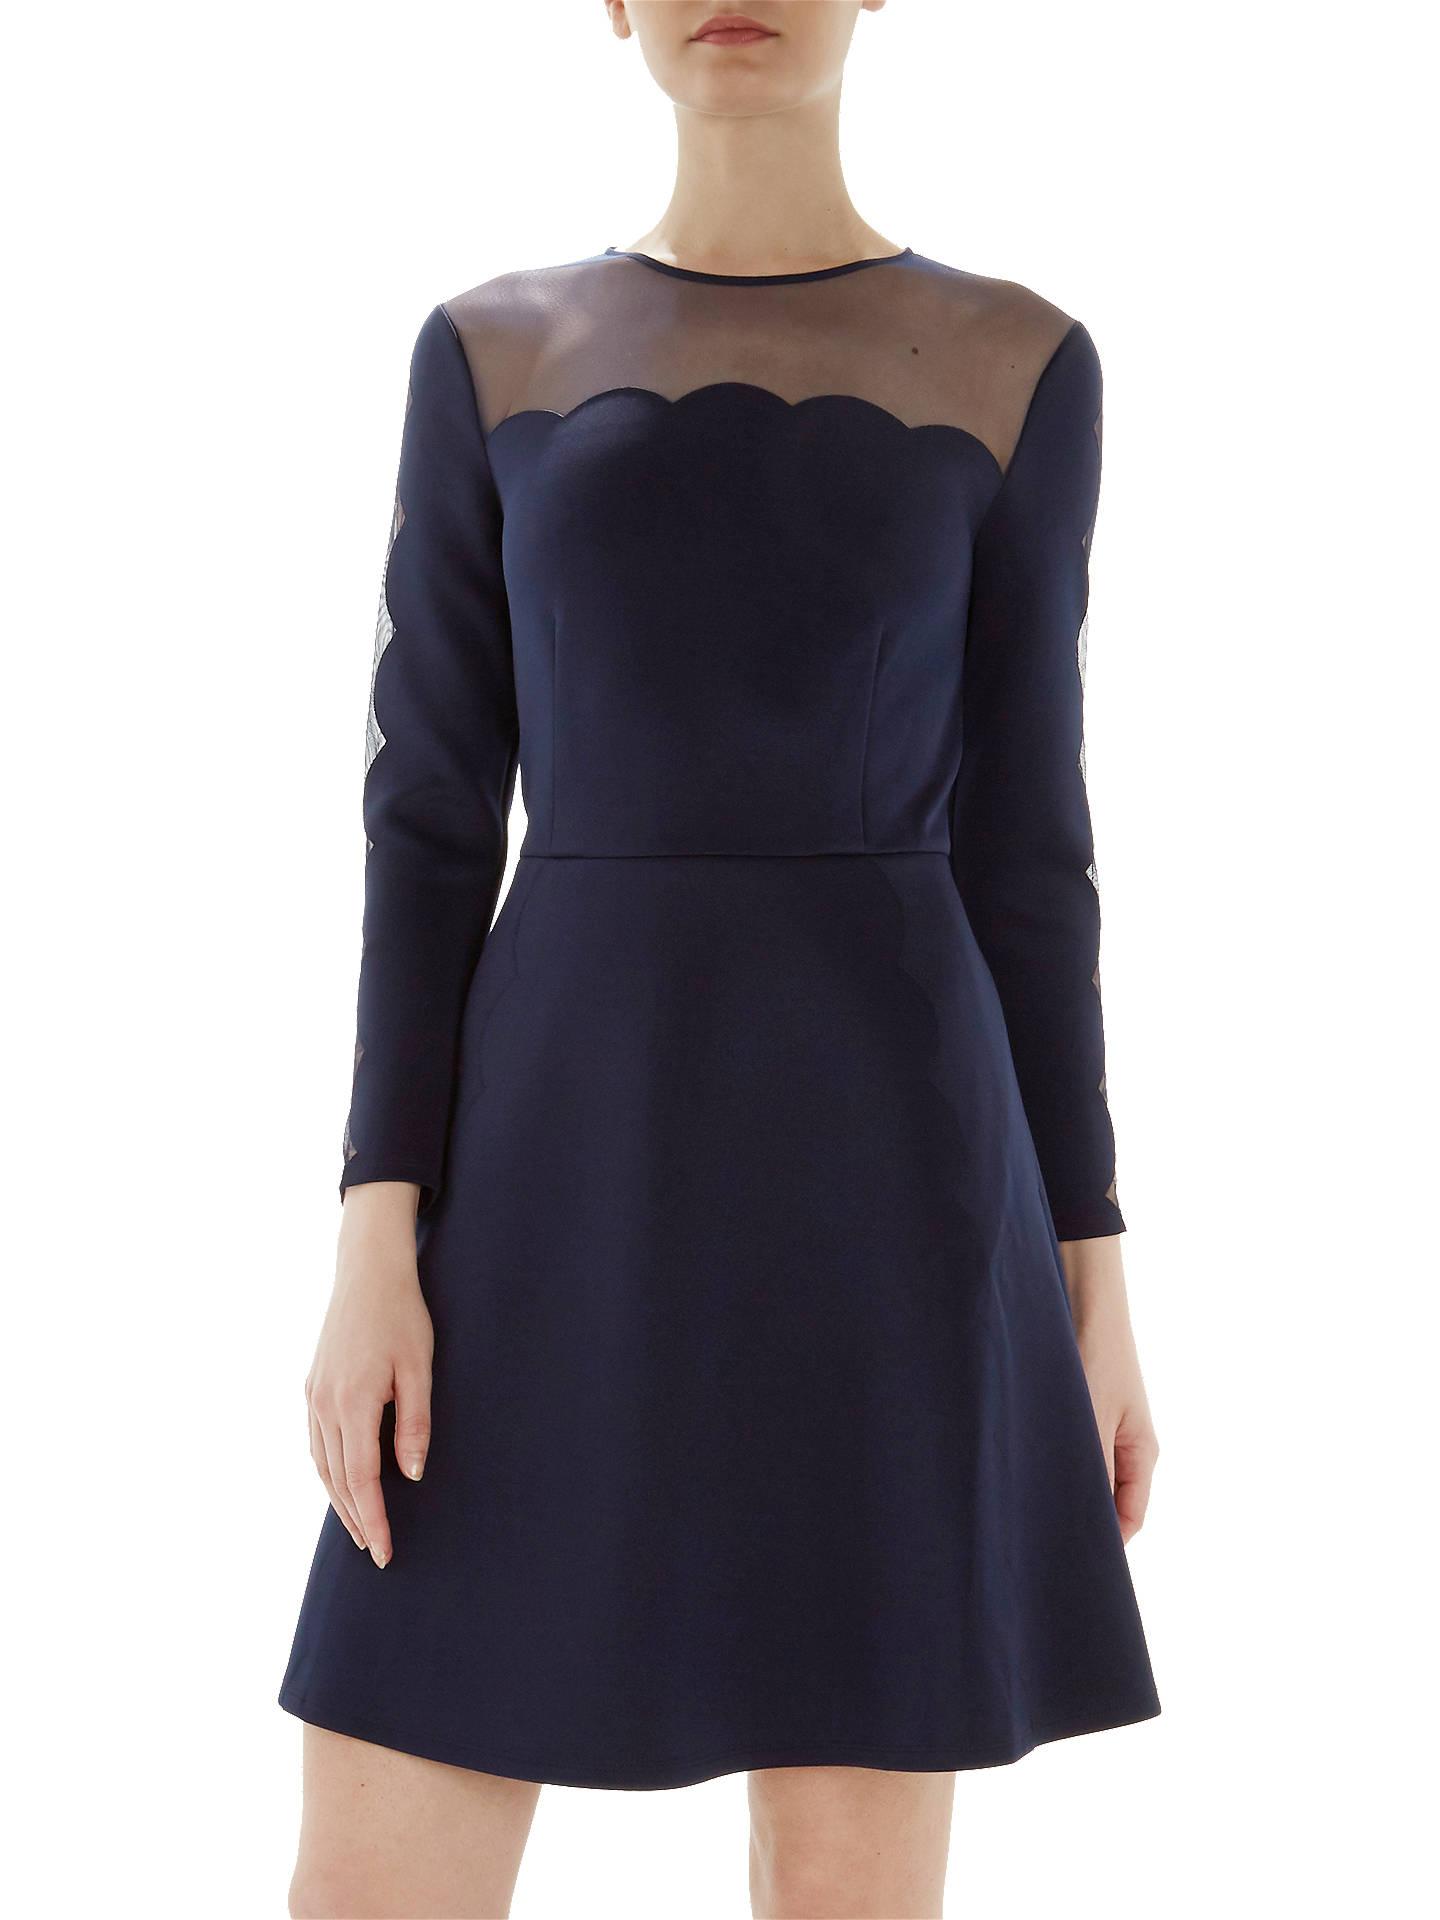 3dcdbae1ff76 Buy Ted Baker Kikoh Mesh Panelled Dress